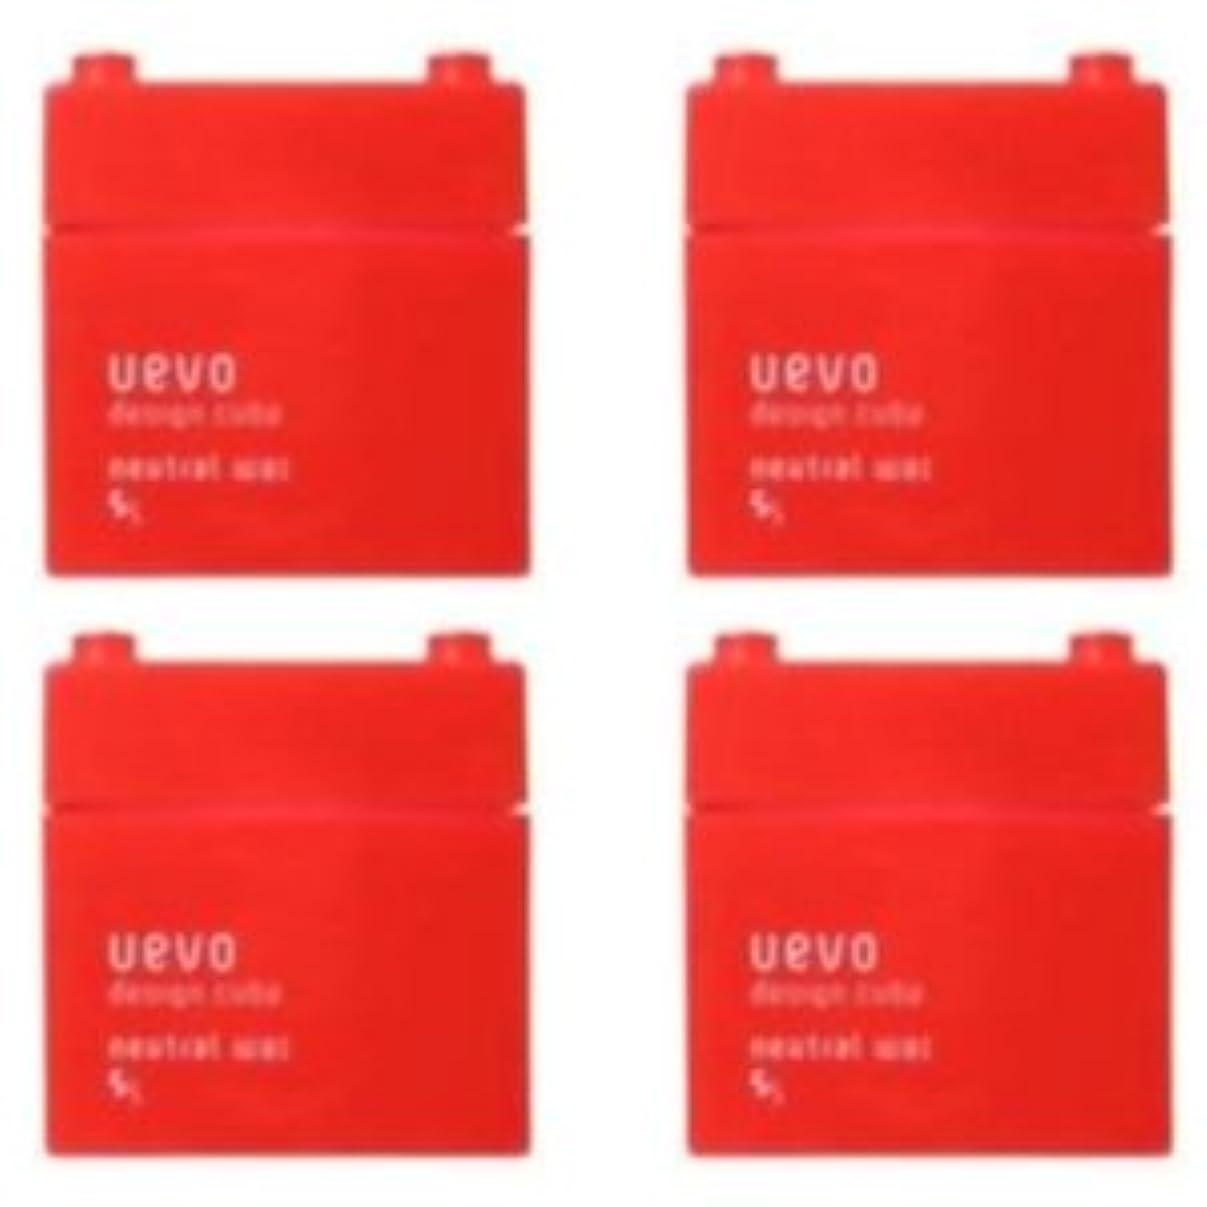 活気づくエンドウ以前は【X4個セット】 デミ ウェーボ デザインキューブ ニュートラルワックス 80g neutral wax DEMI uevo design cube